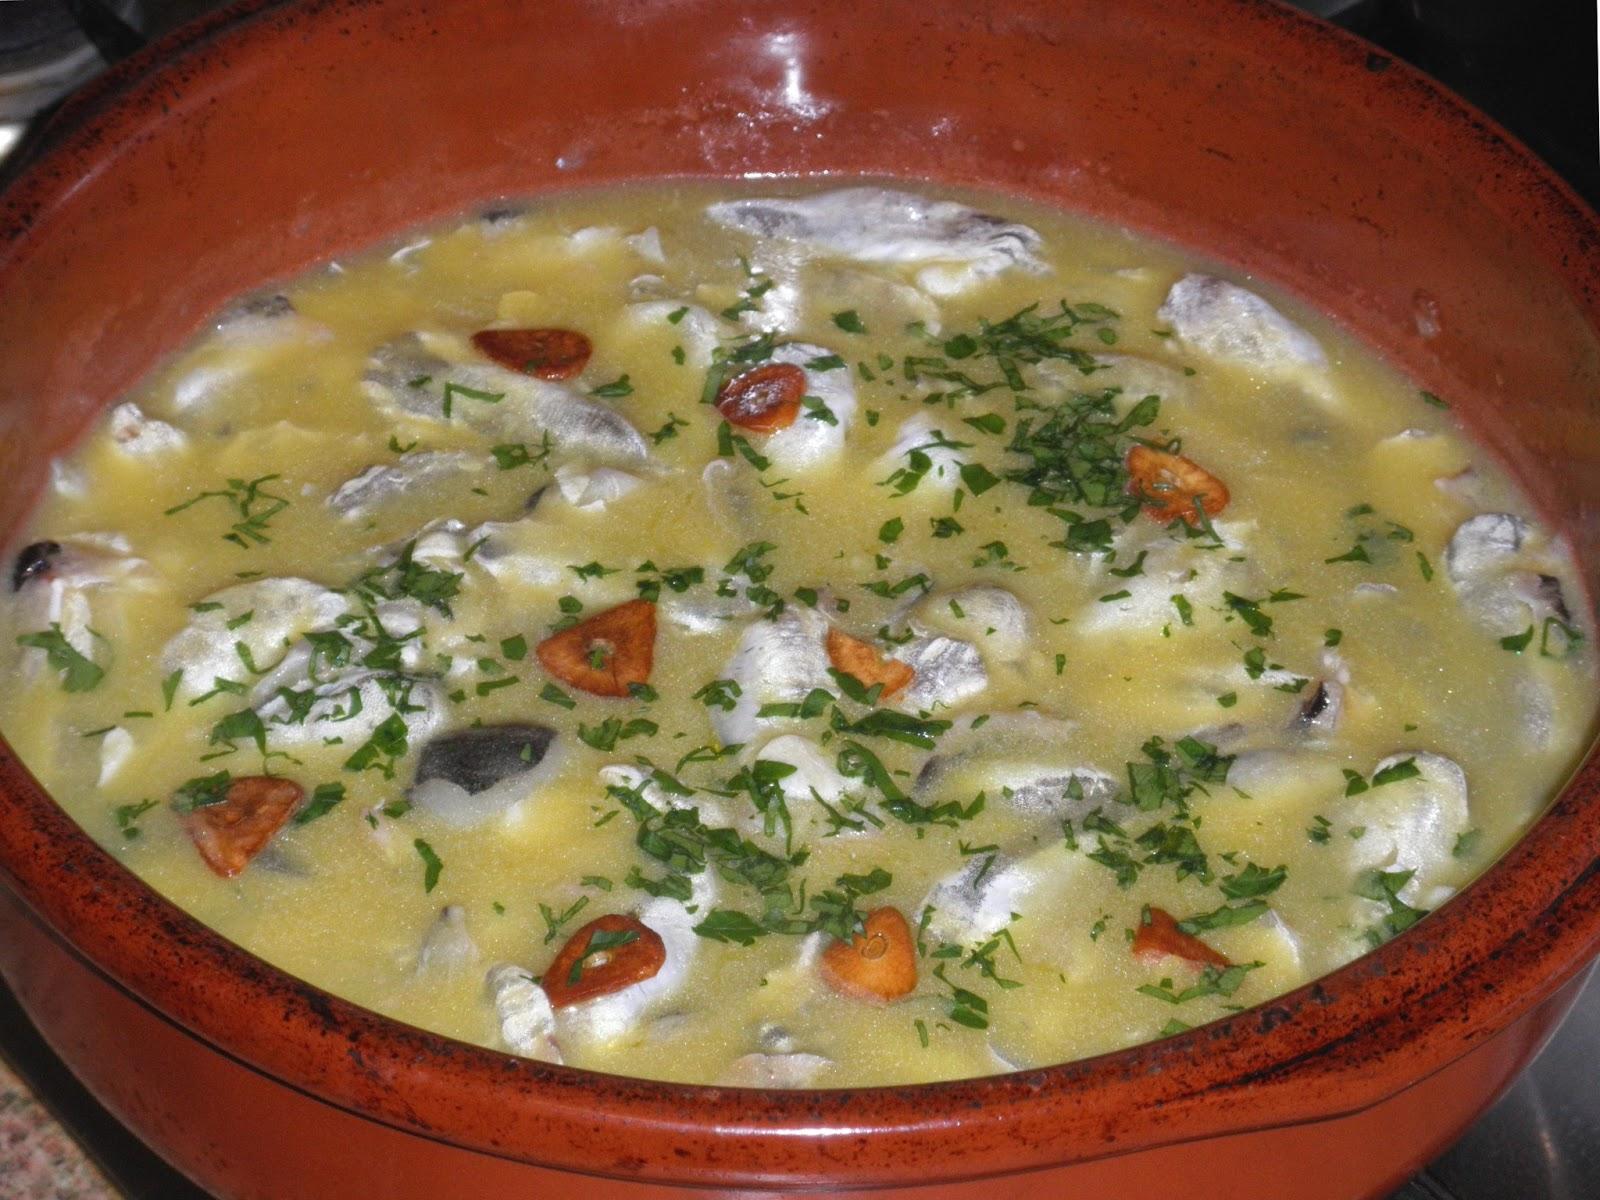 Cocinar Cocochas De Merluza   Kokotxas Cocochas De Merluza Al Pil Pil Recetas De Cocina De Un